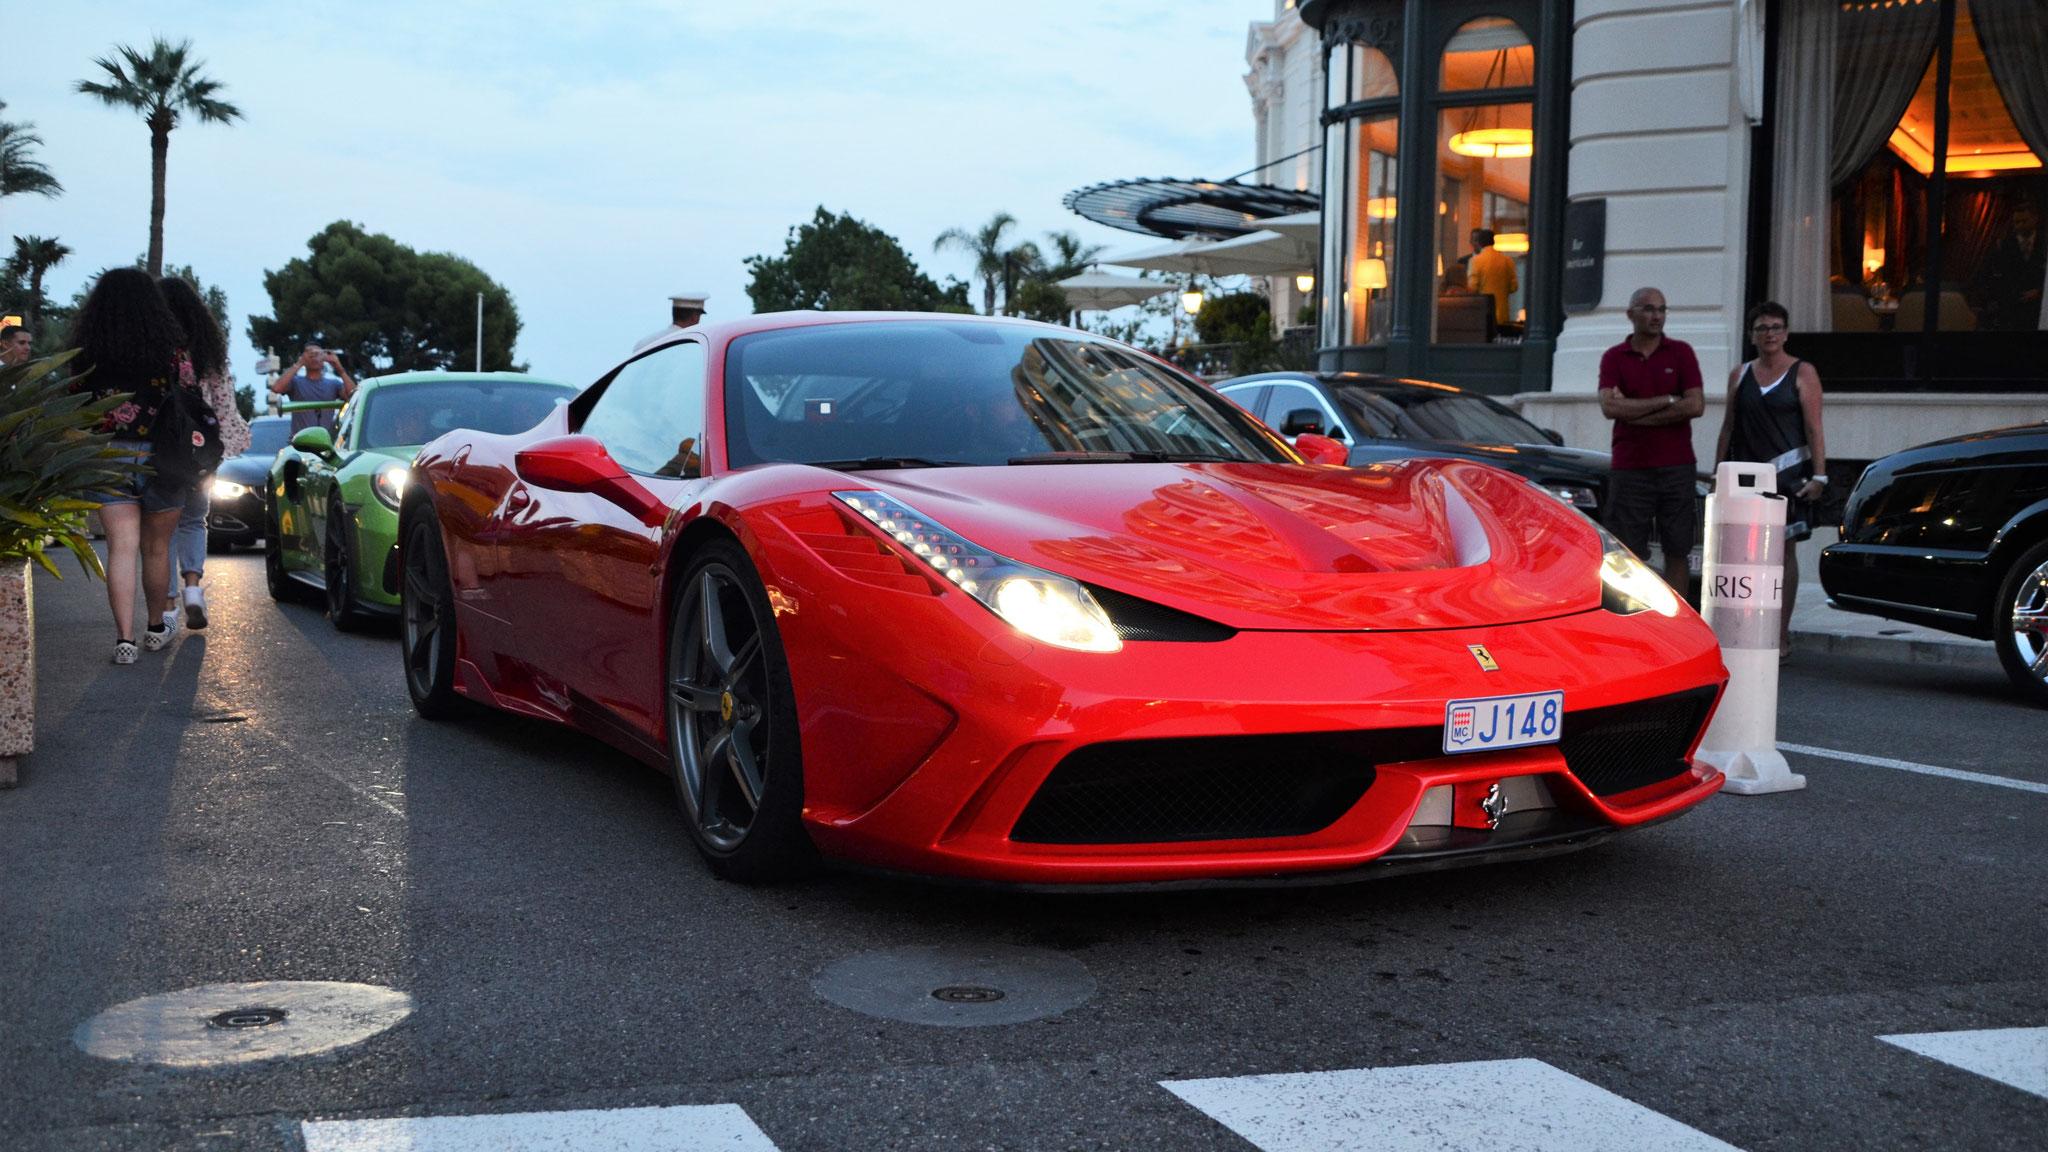 Ferrari 458 Speciale - J148 (MC)